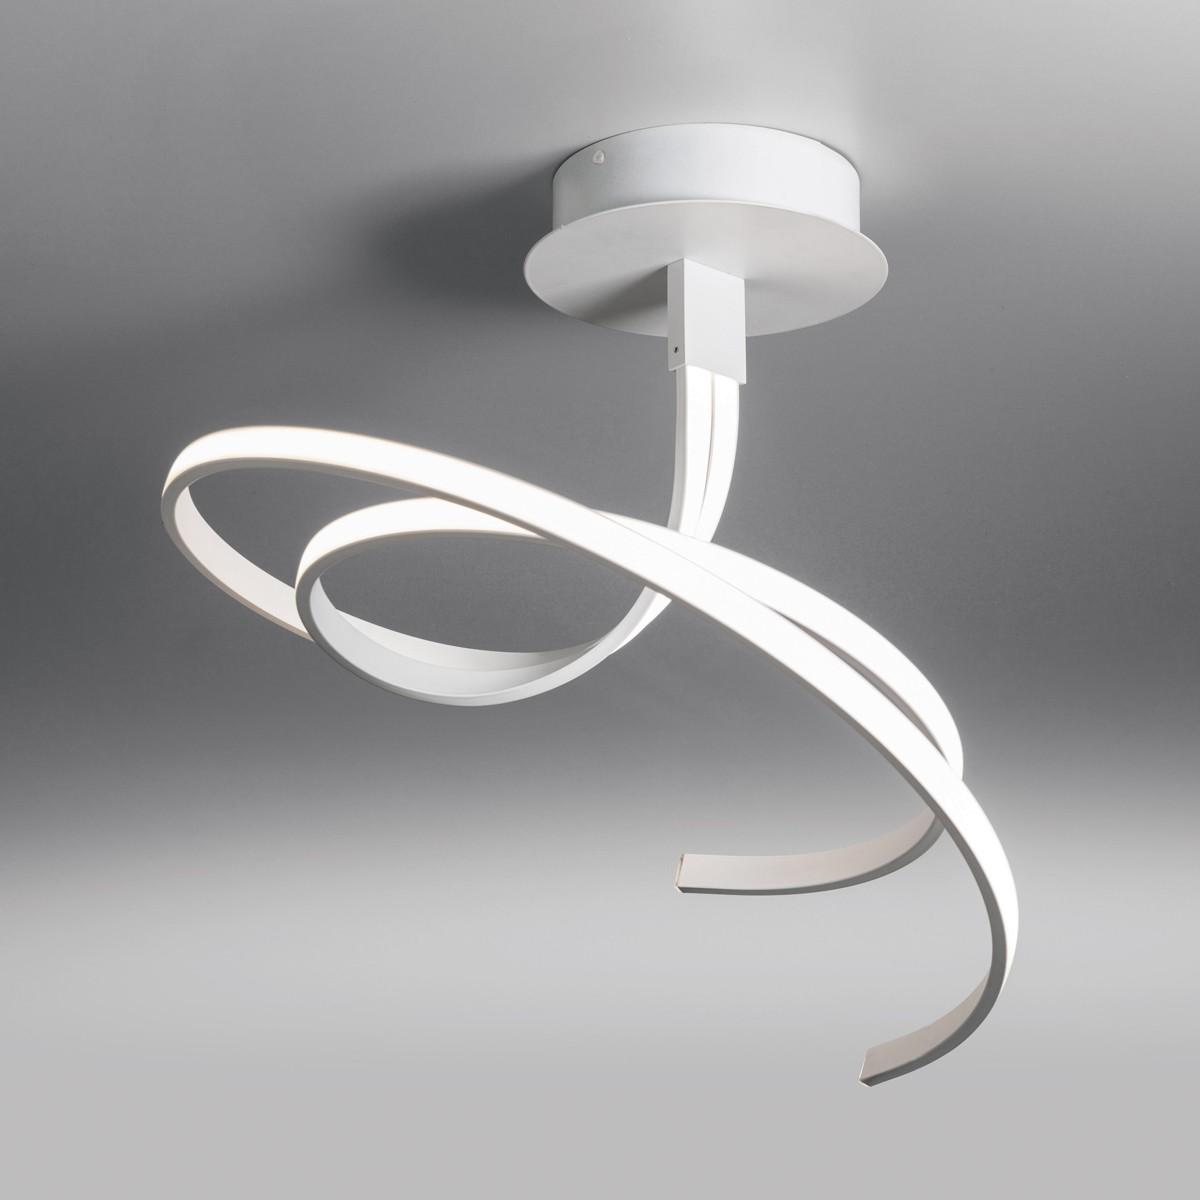 Lupia Licht Curl Deckenleuchte, weiß